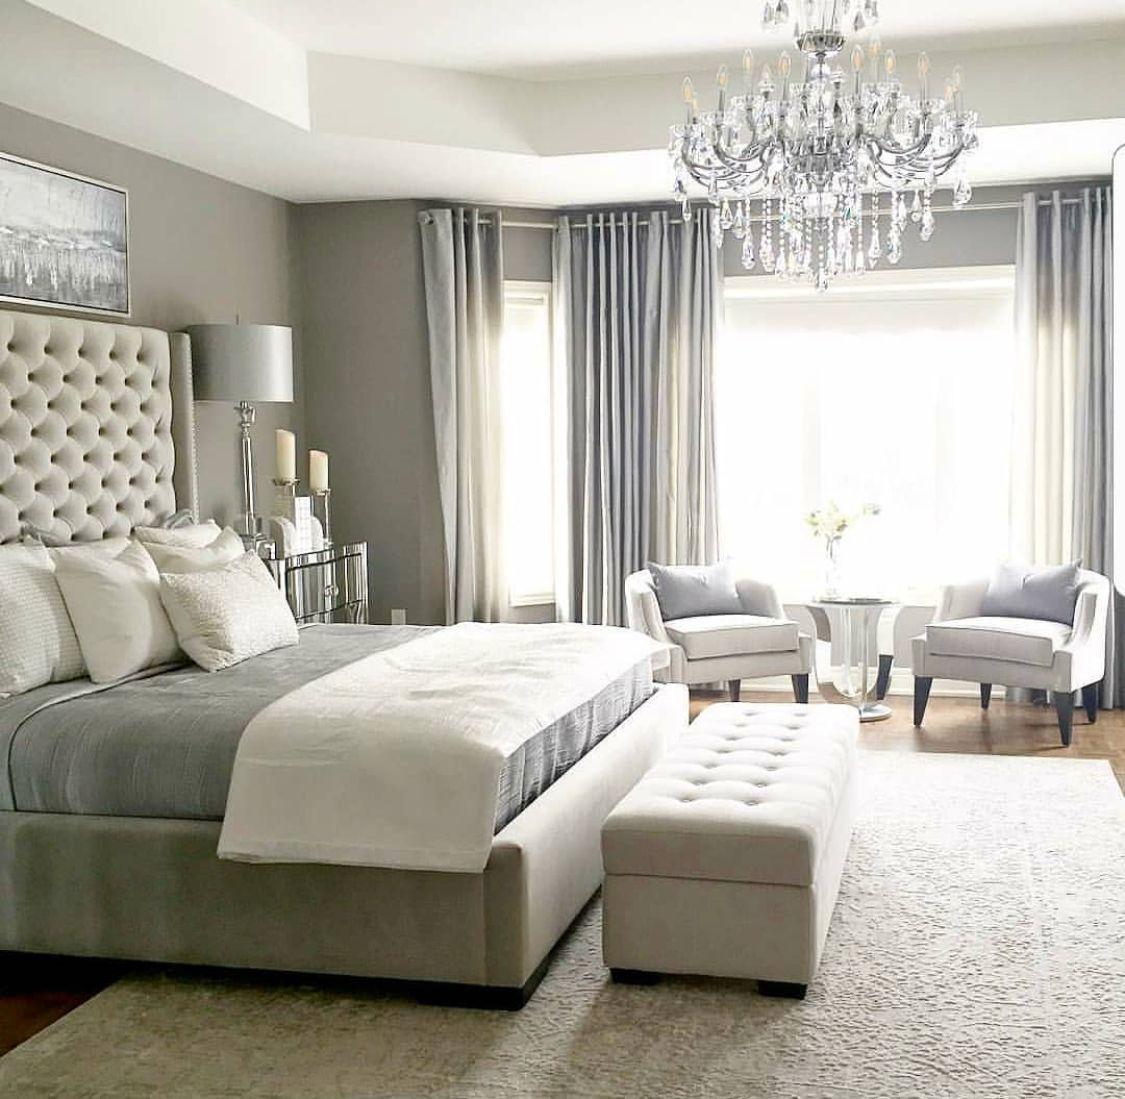 chambre à coucher inspiration design de décor et des on modern luxurious bedroom ideas decoration some inspiration to advise you in decorating your room id=42436